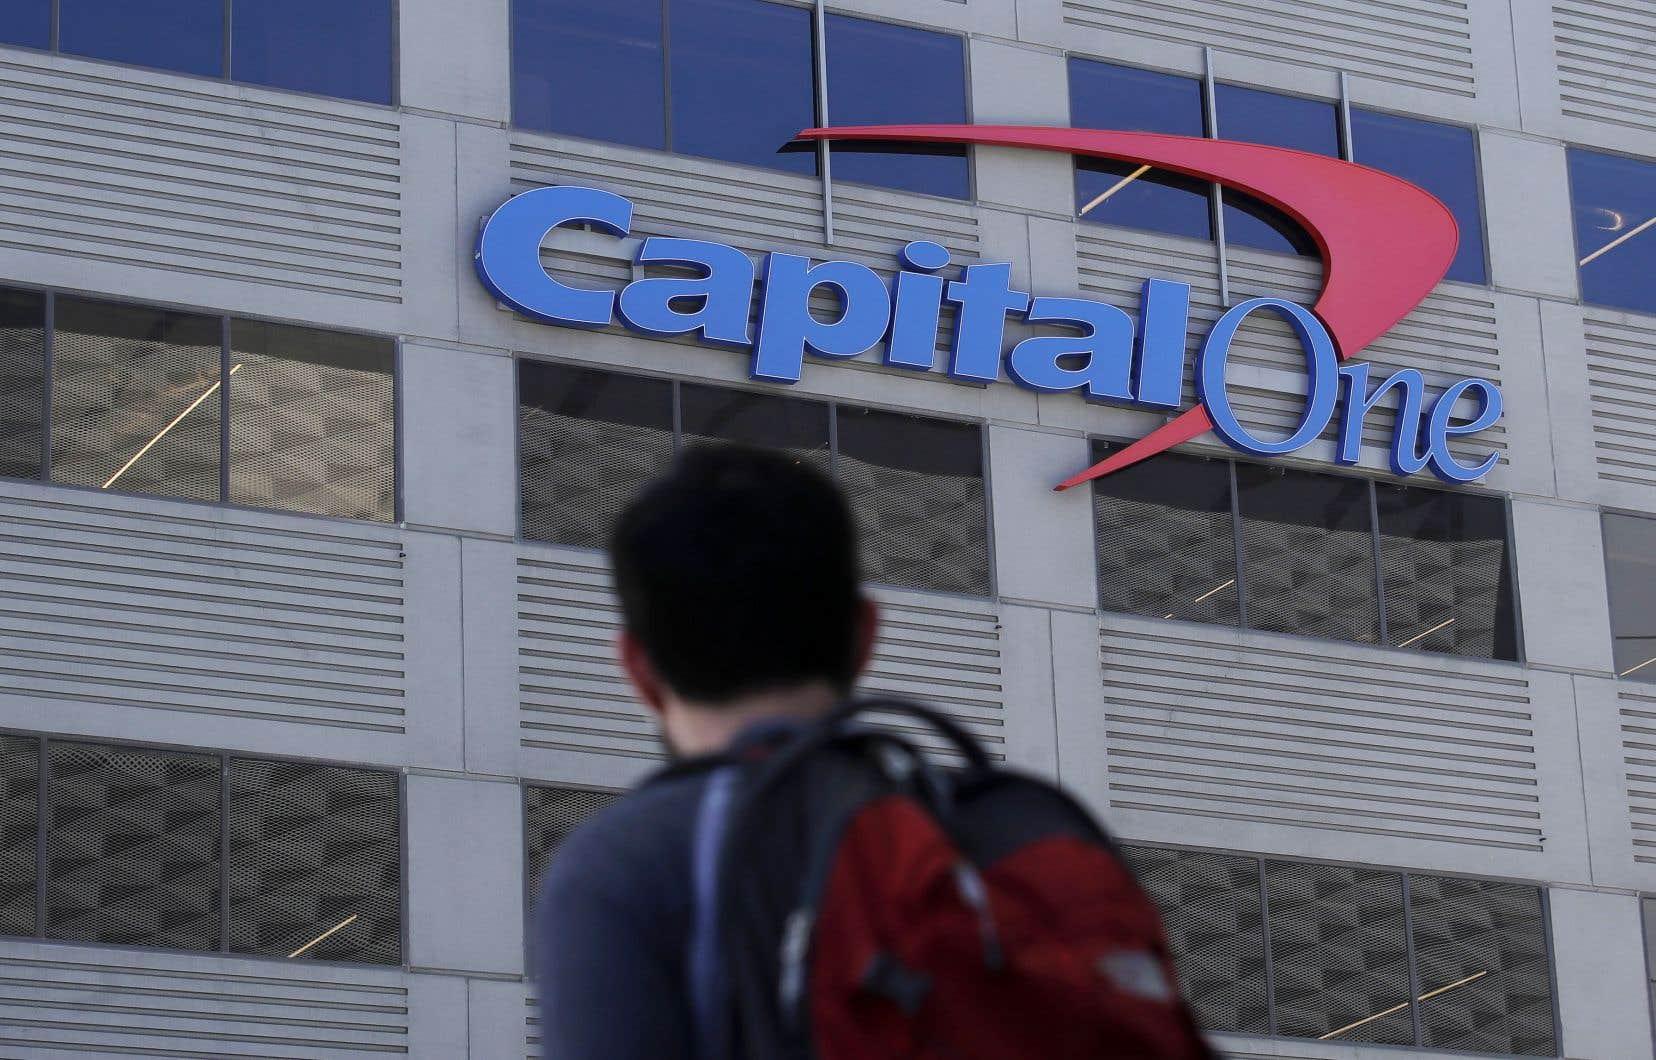 <p>Capital One croit qu'il est peu probable que les informations aient été utilisées à des fins frauduleuses, mais la banque poursuivra son enquête.</p>